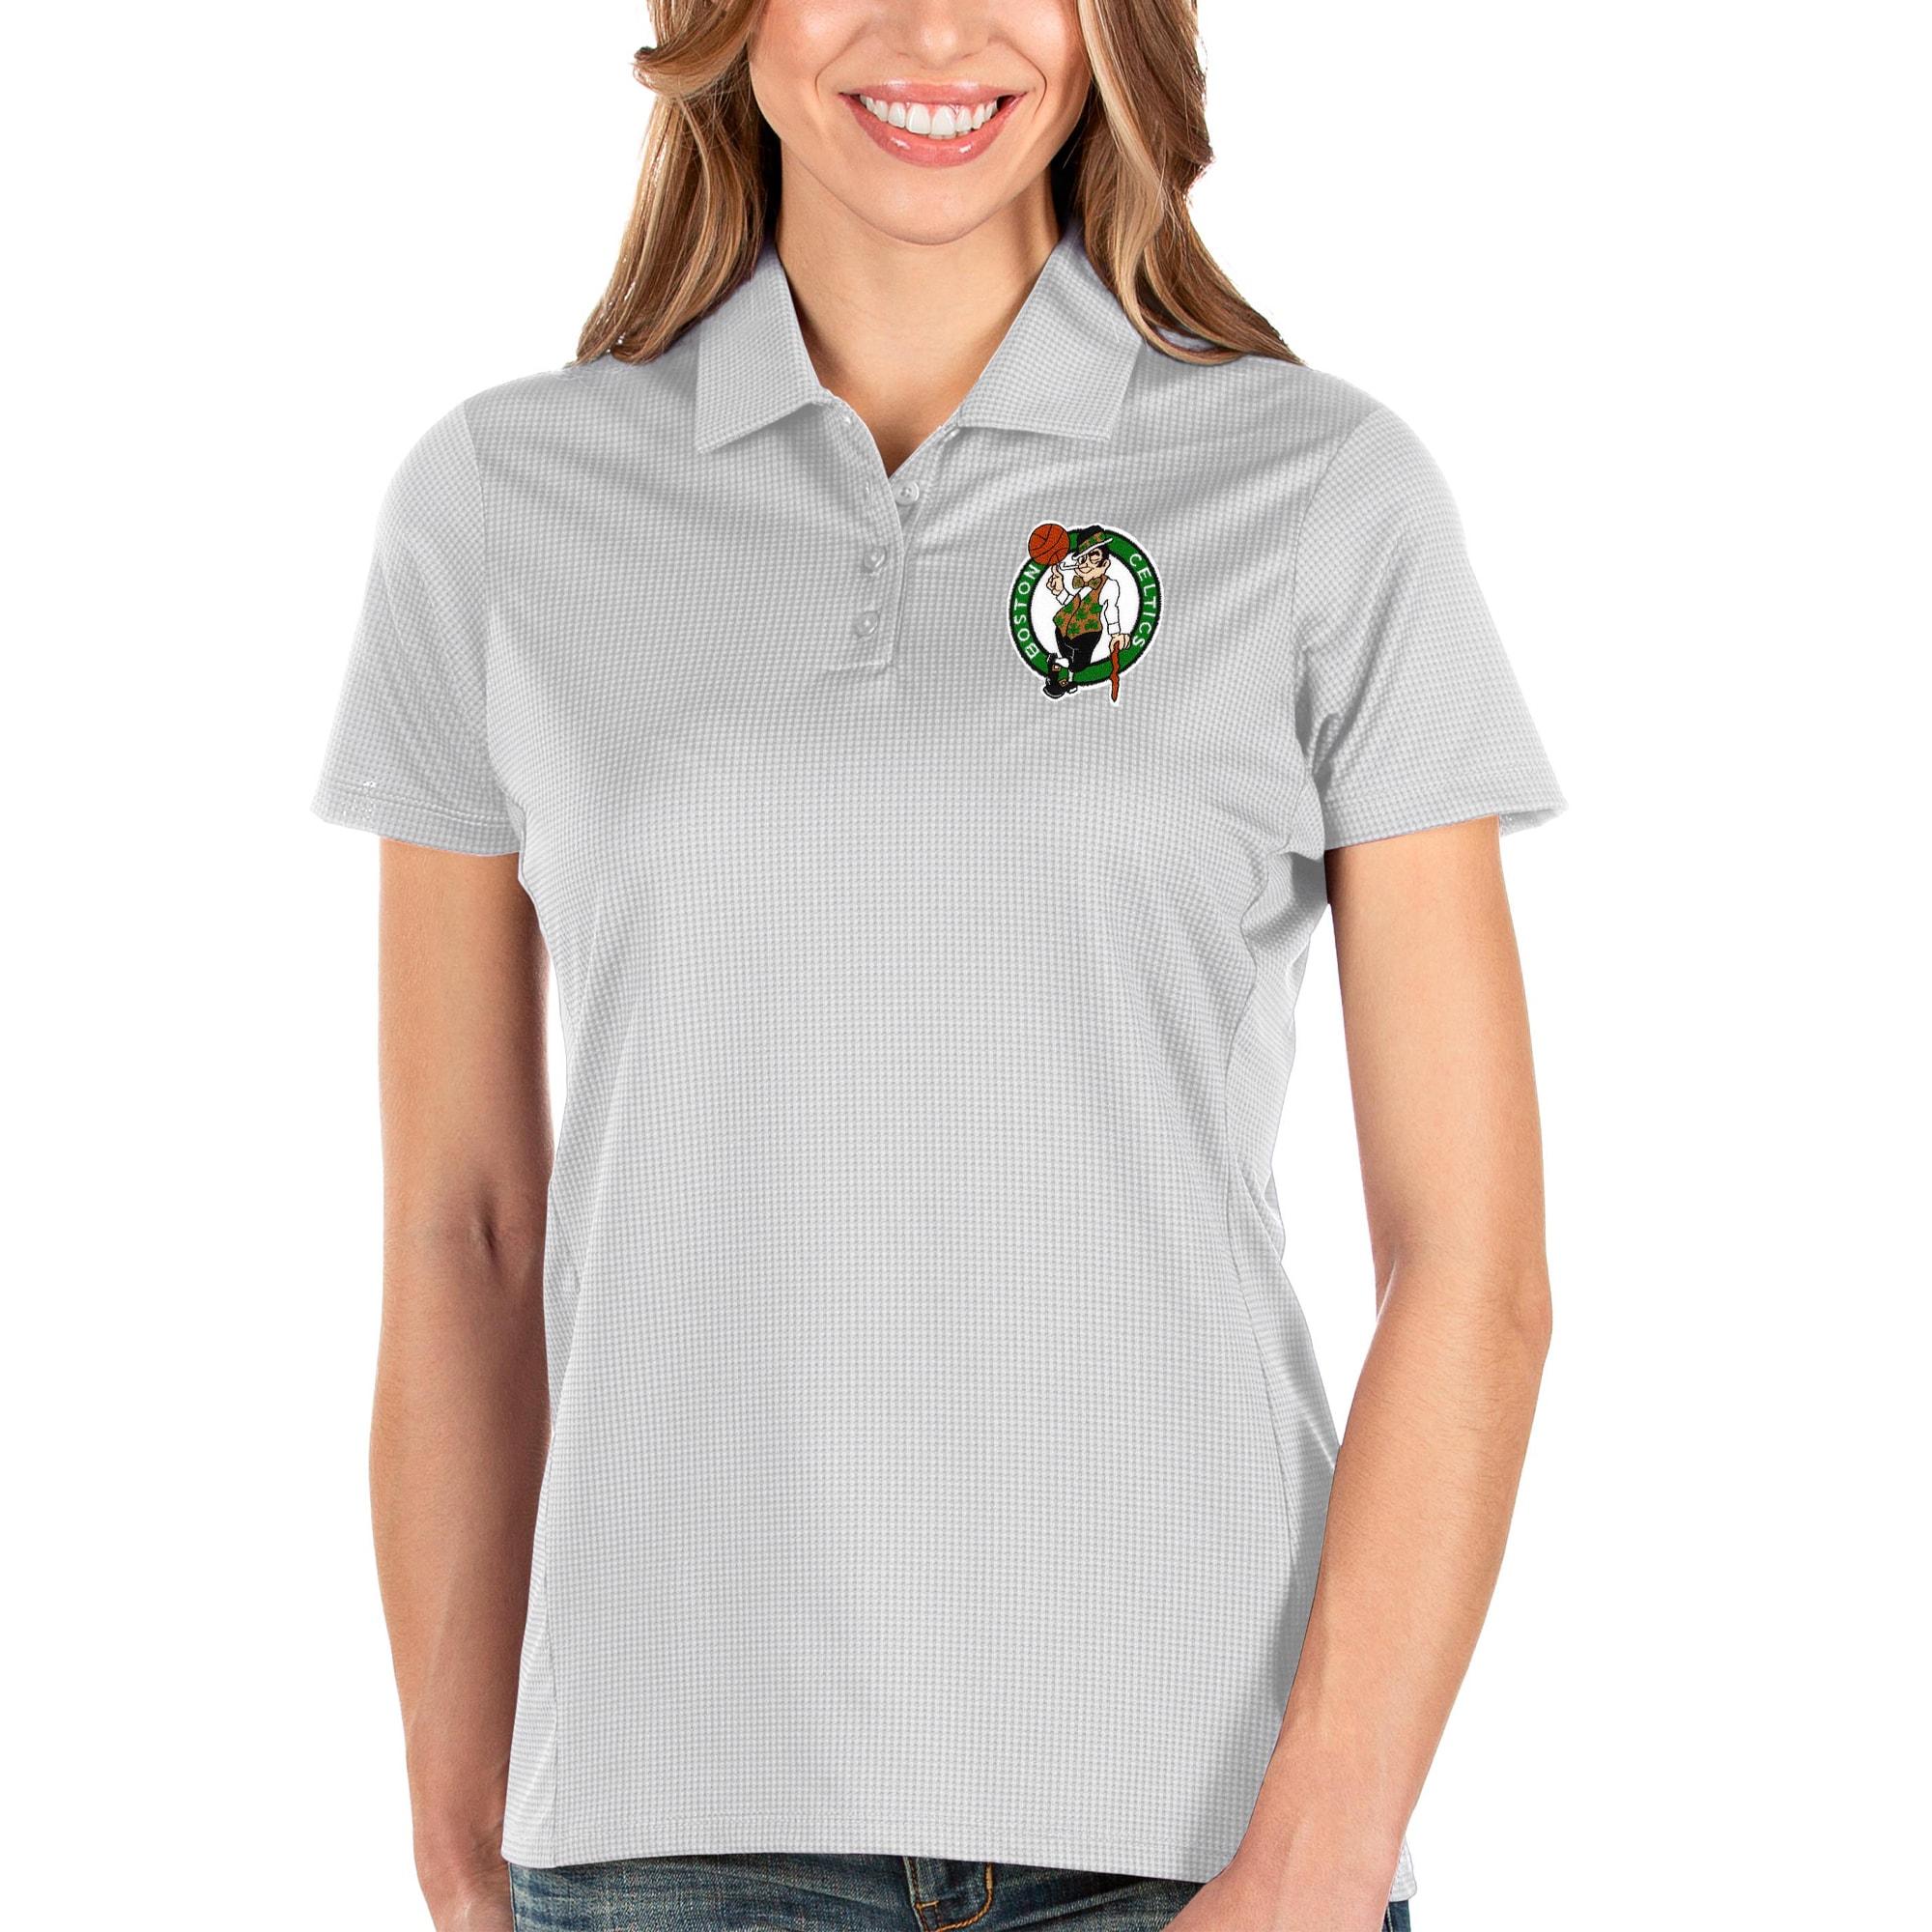 Boston Celtics Antigua Women's Balance Polo - White